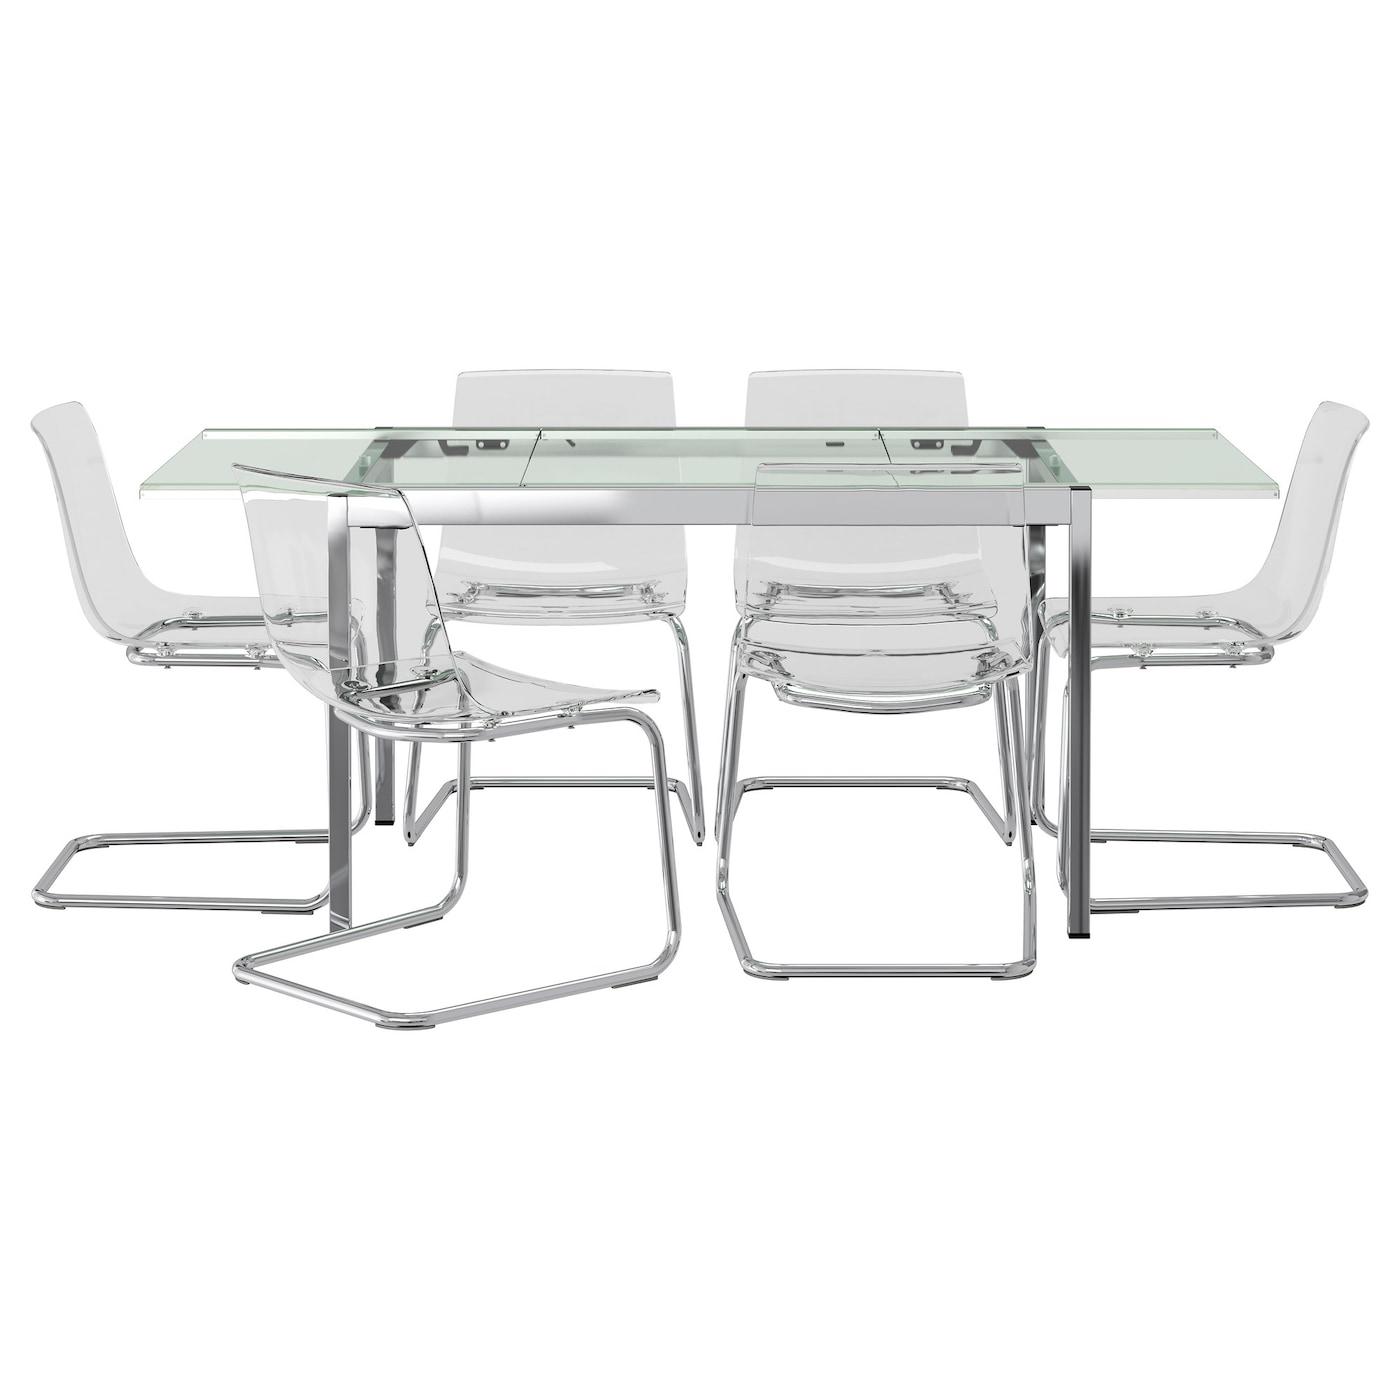 Glivarp tobias table et 6 chaises transparent transparent for Table et 6 chaises ikea